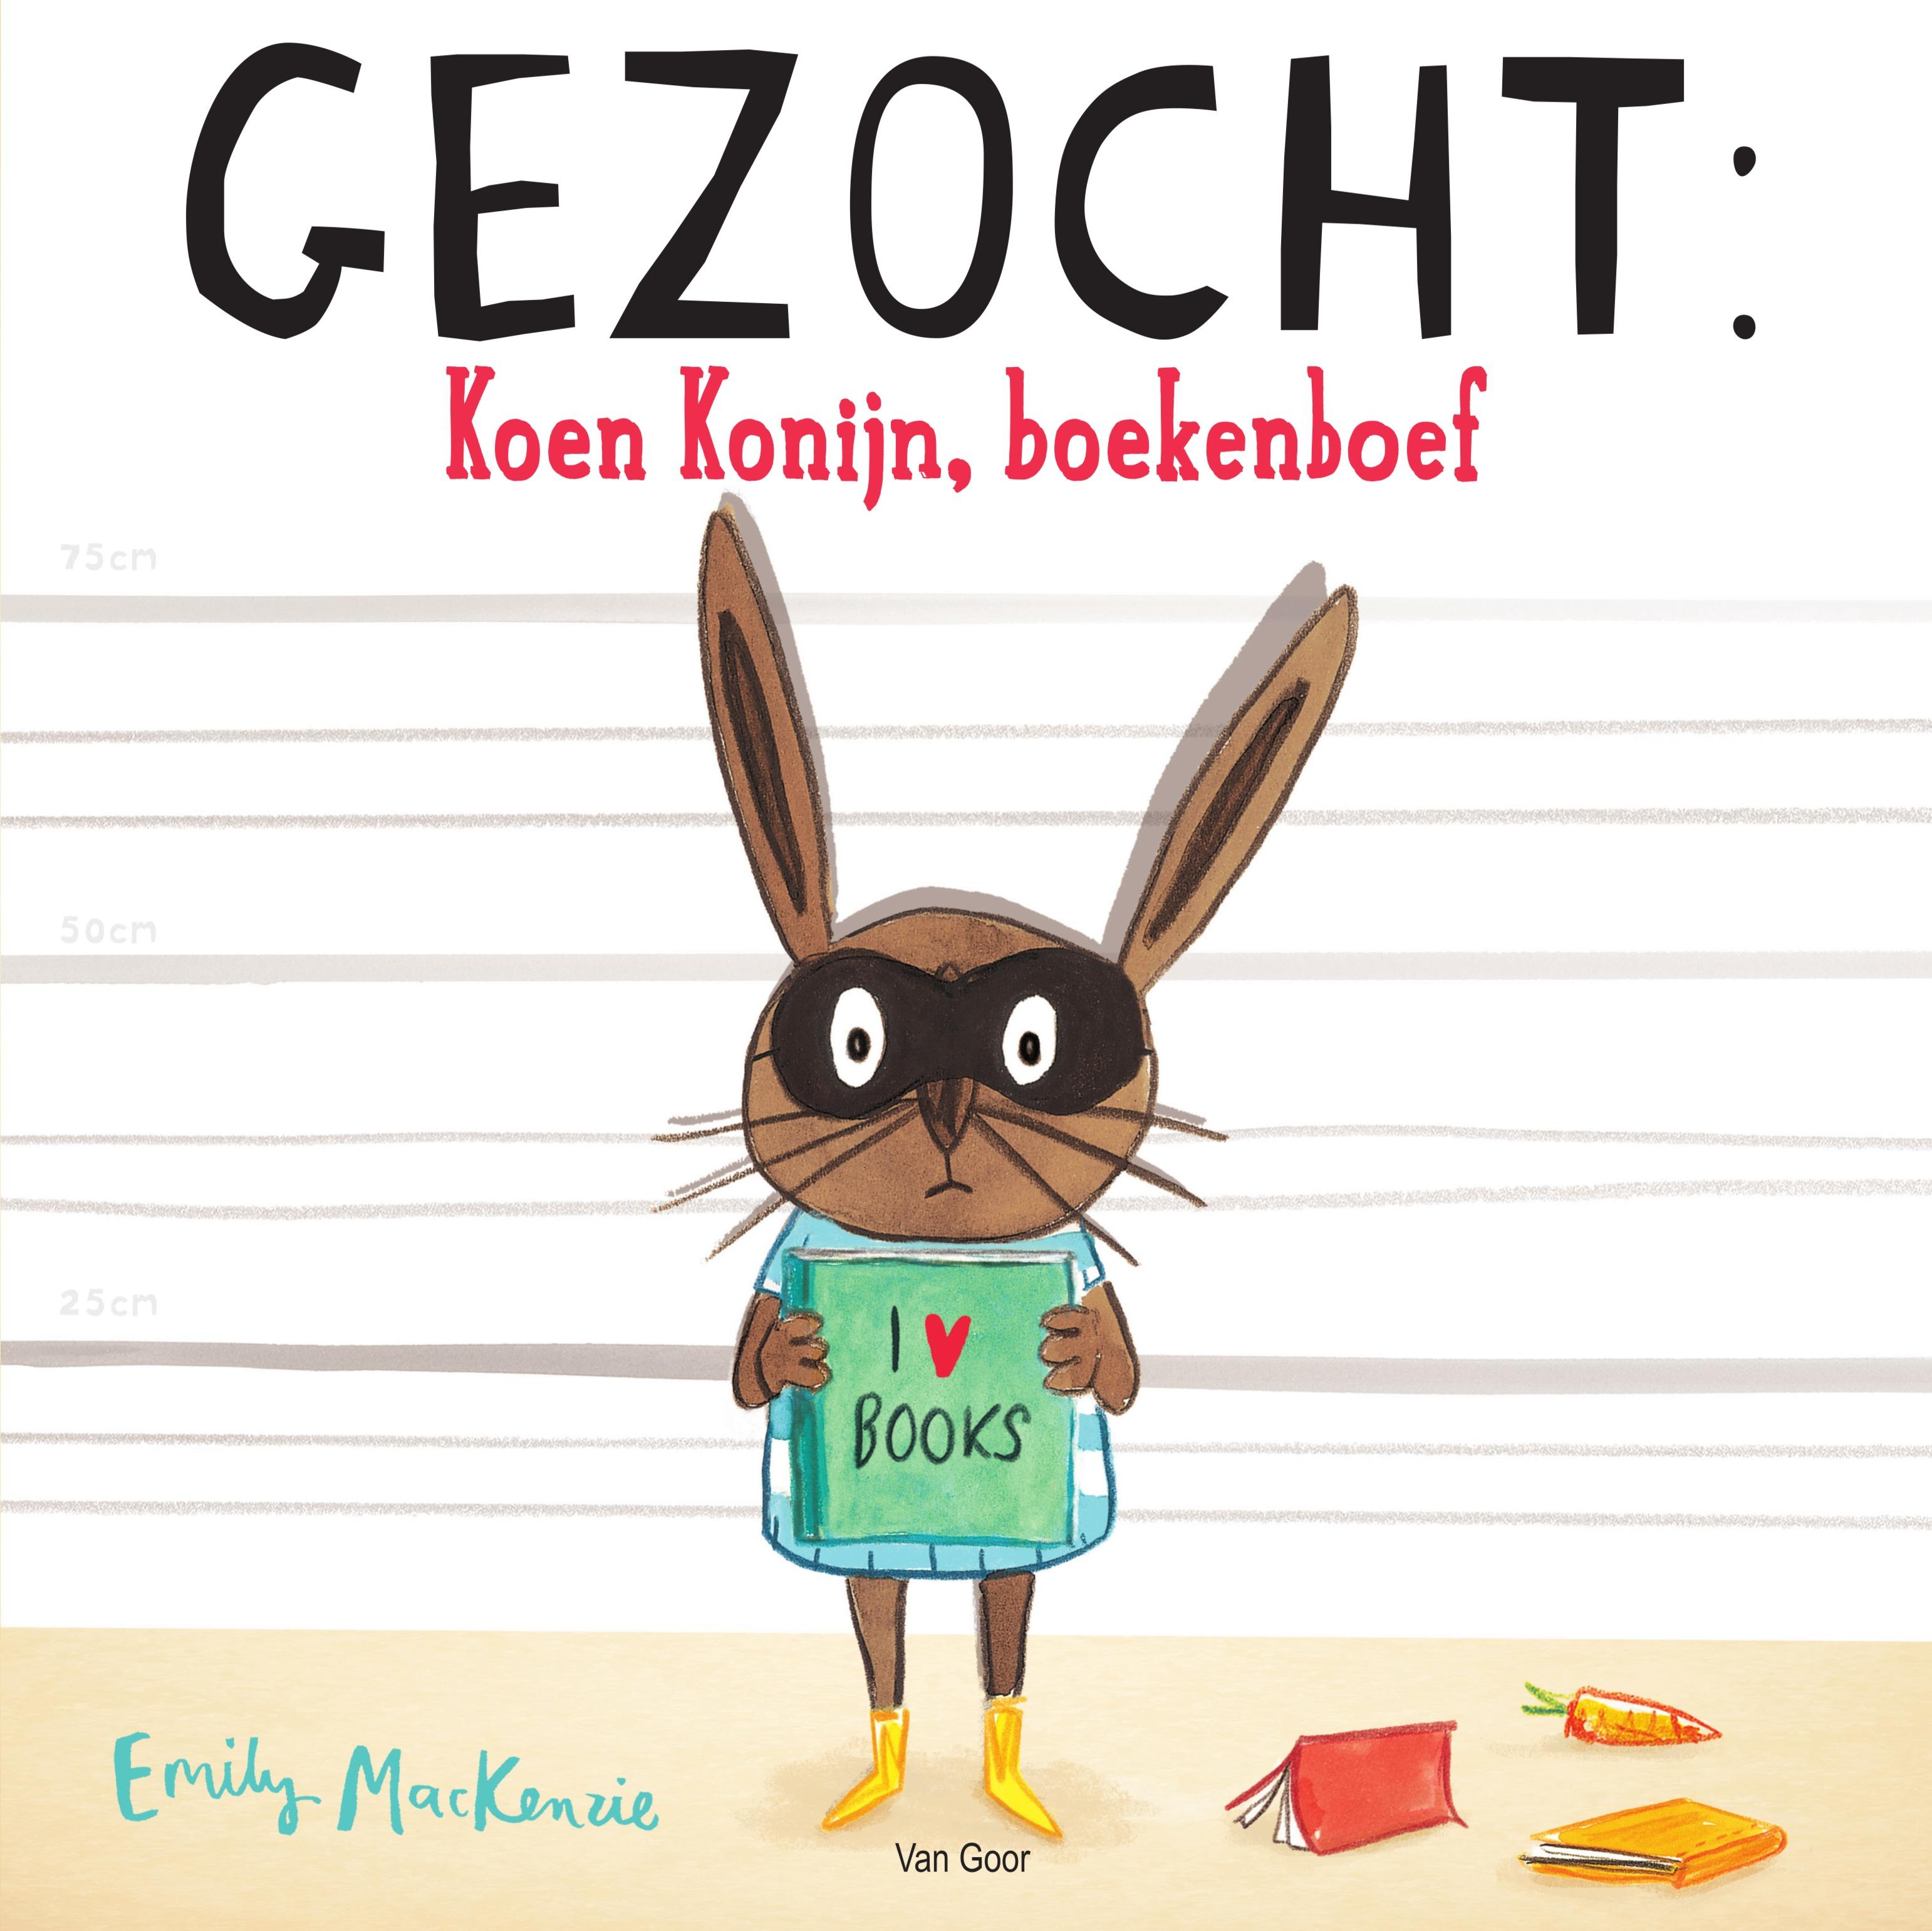 Gezocht: Koen konijn, boekenboef Book Cover